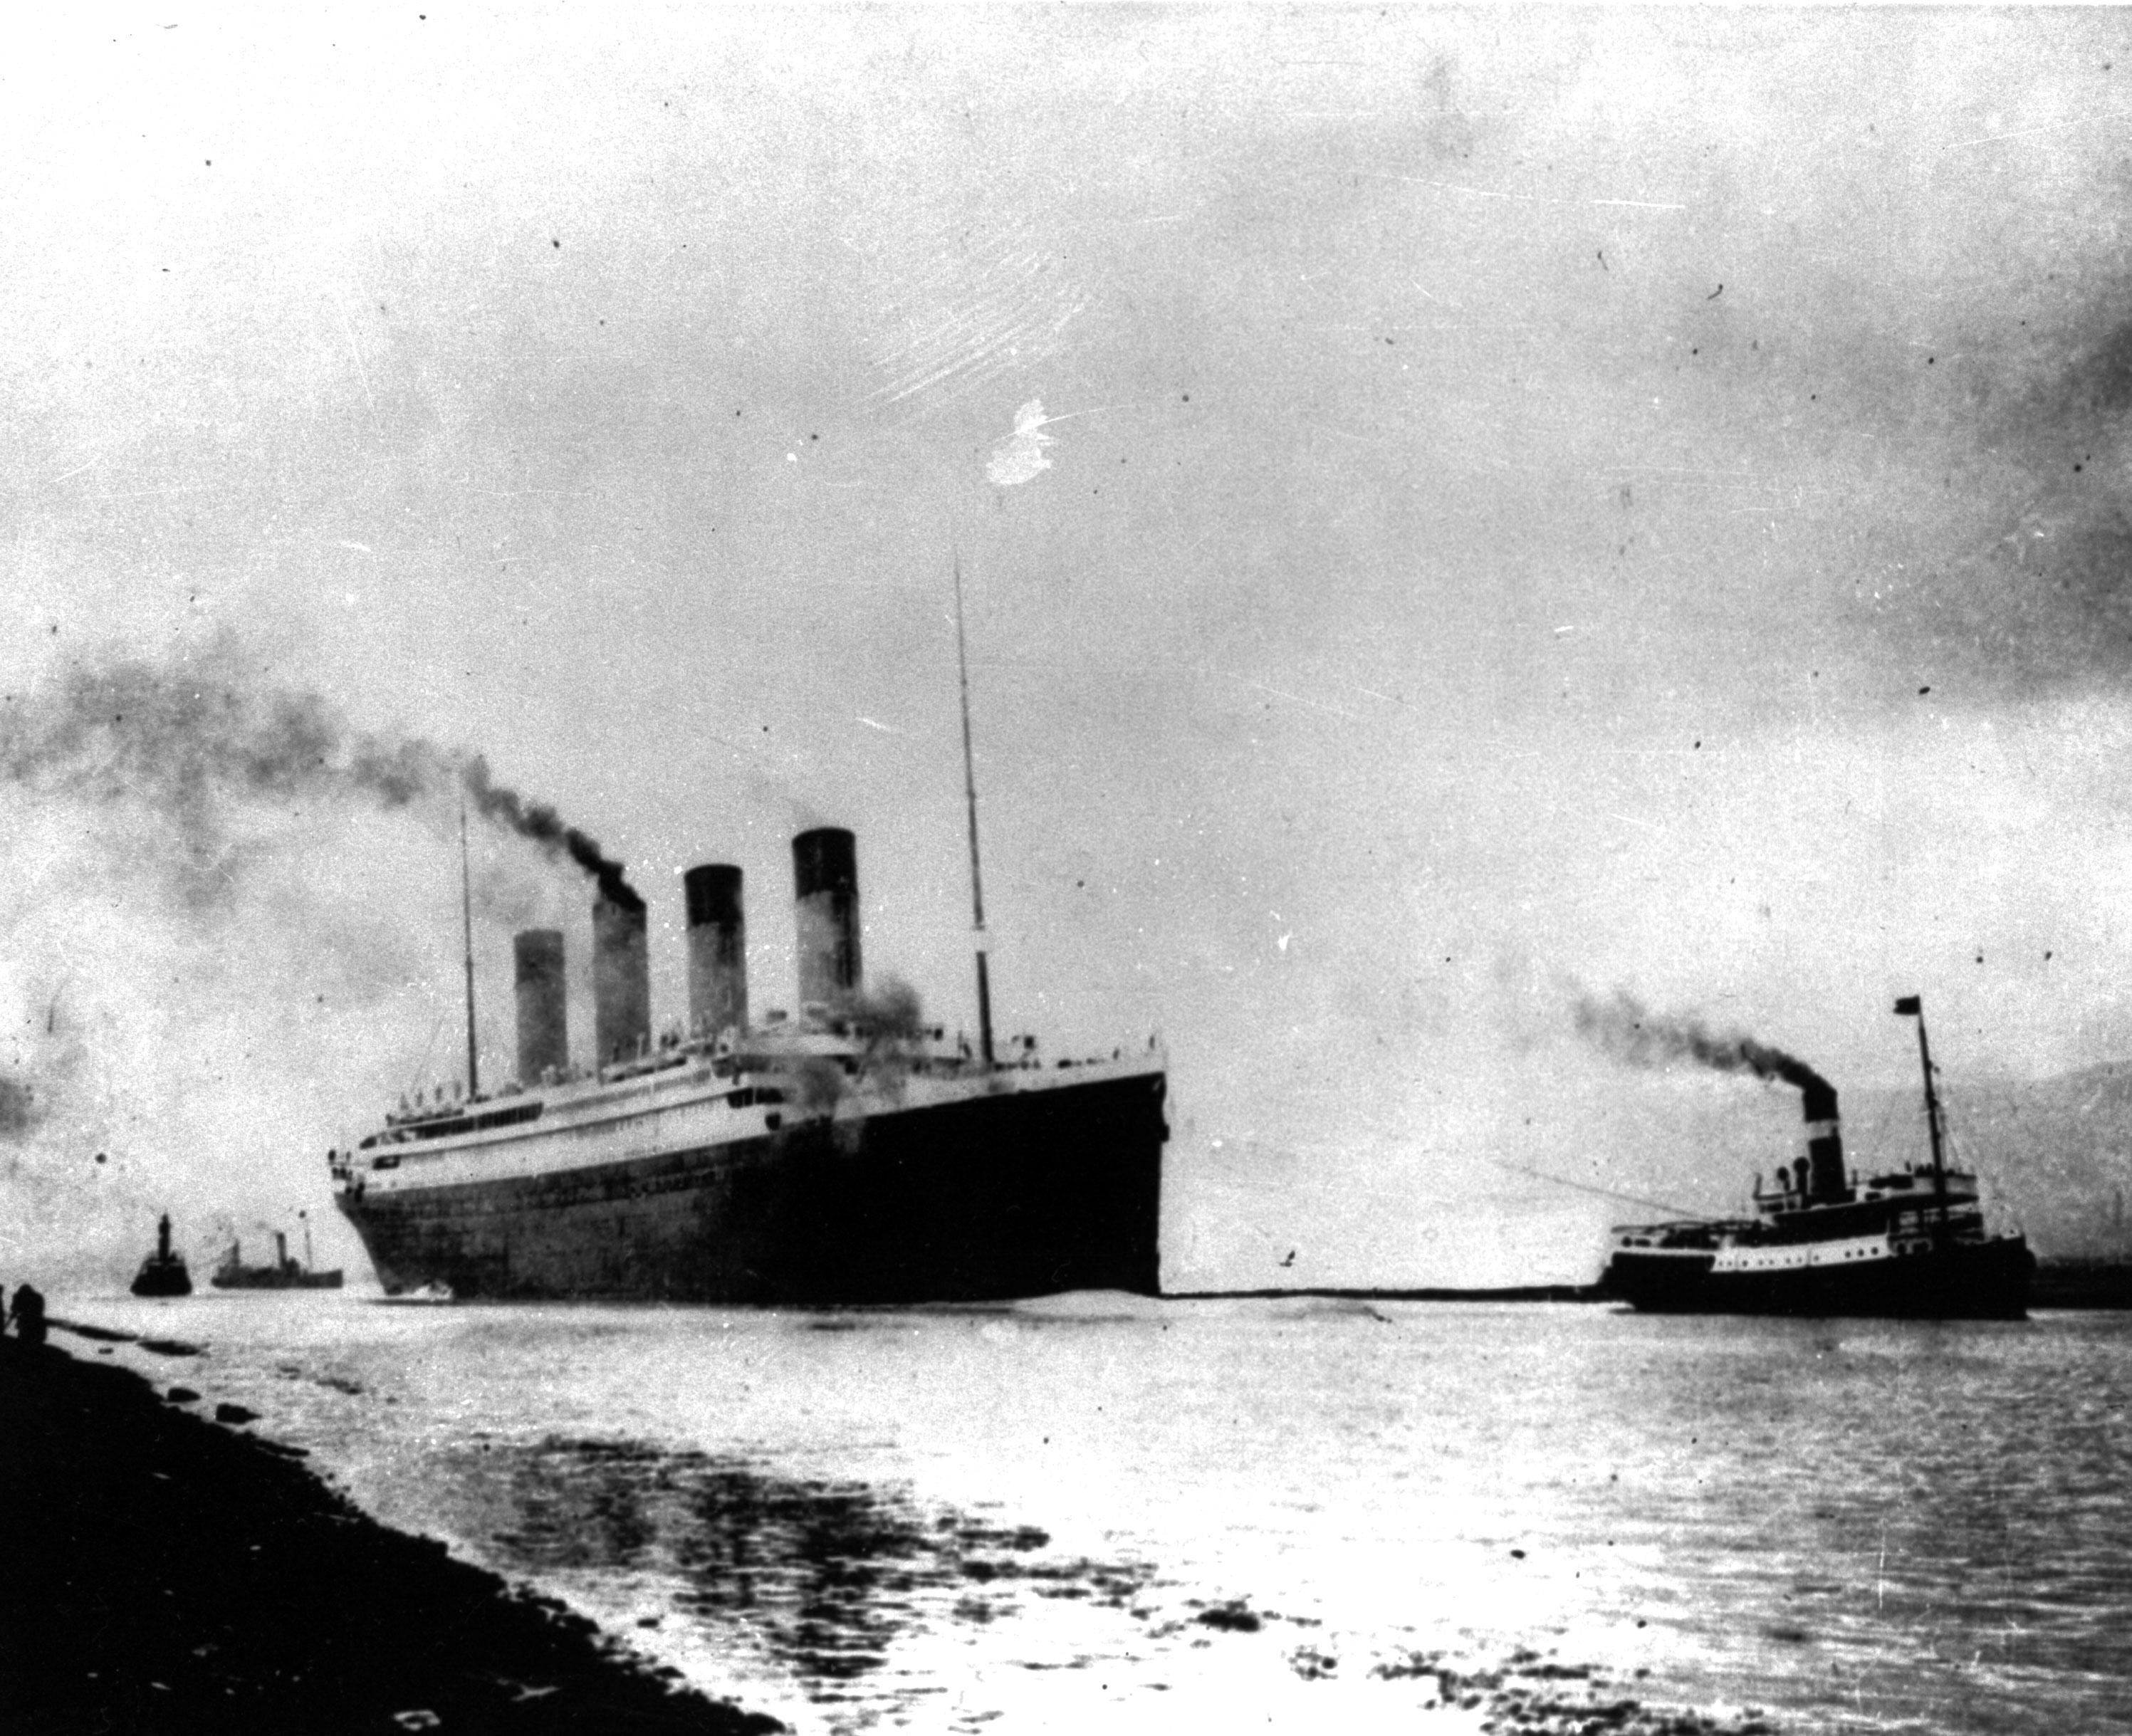 鐵達尼號1912年4月10日載著2200多名船員及乘客從英國南安普敦出發,展開處女航,計畫橫渡大西洋到達紐約市。(美聯社)